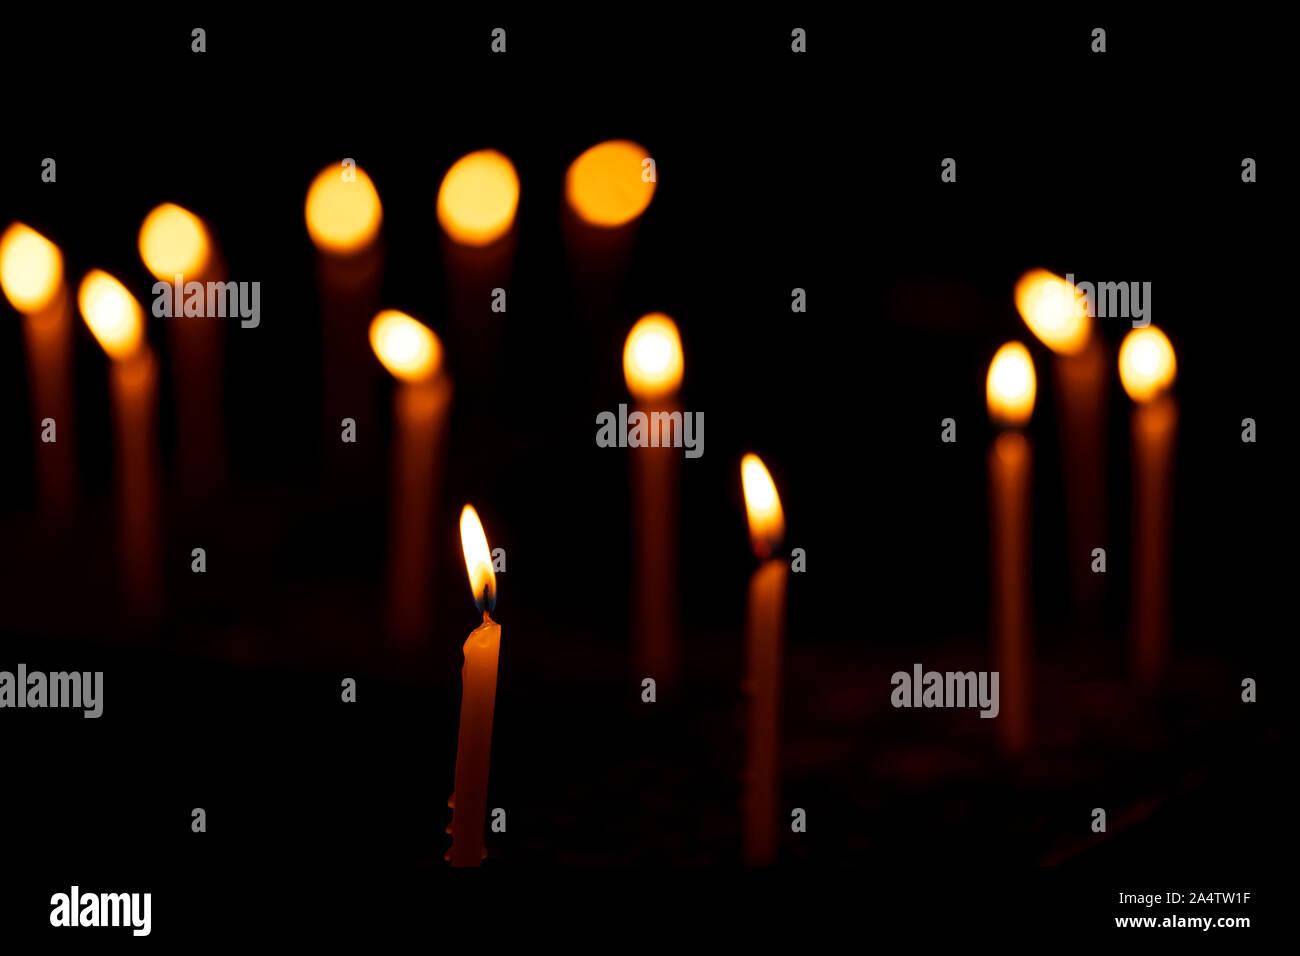 Diwali decoración de fondo - Velas en zigzag durante la celebración festiva de India. Concepto de hindúes, cristianos, budistas, la traditio Foto de stock